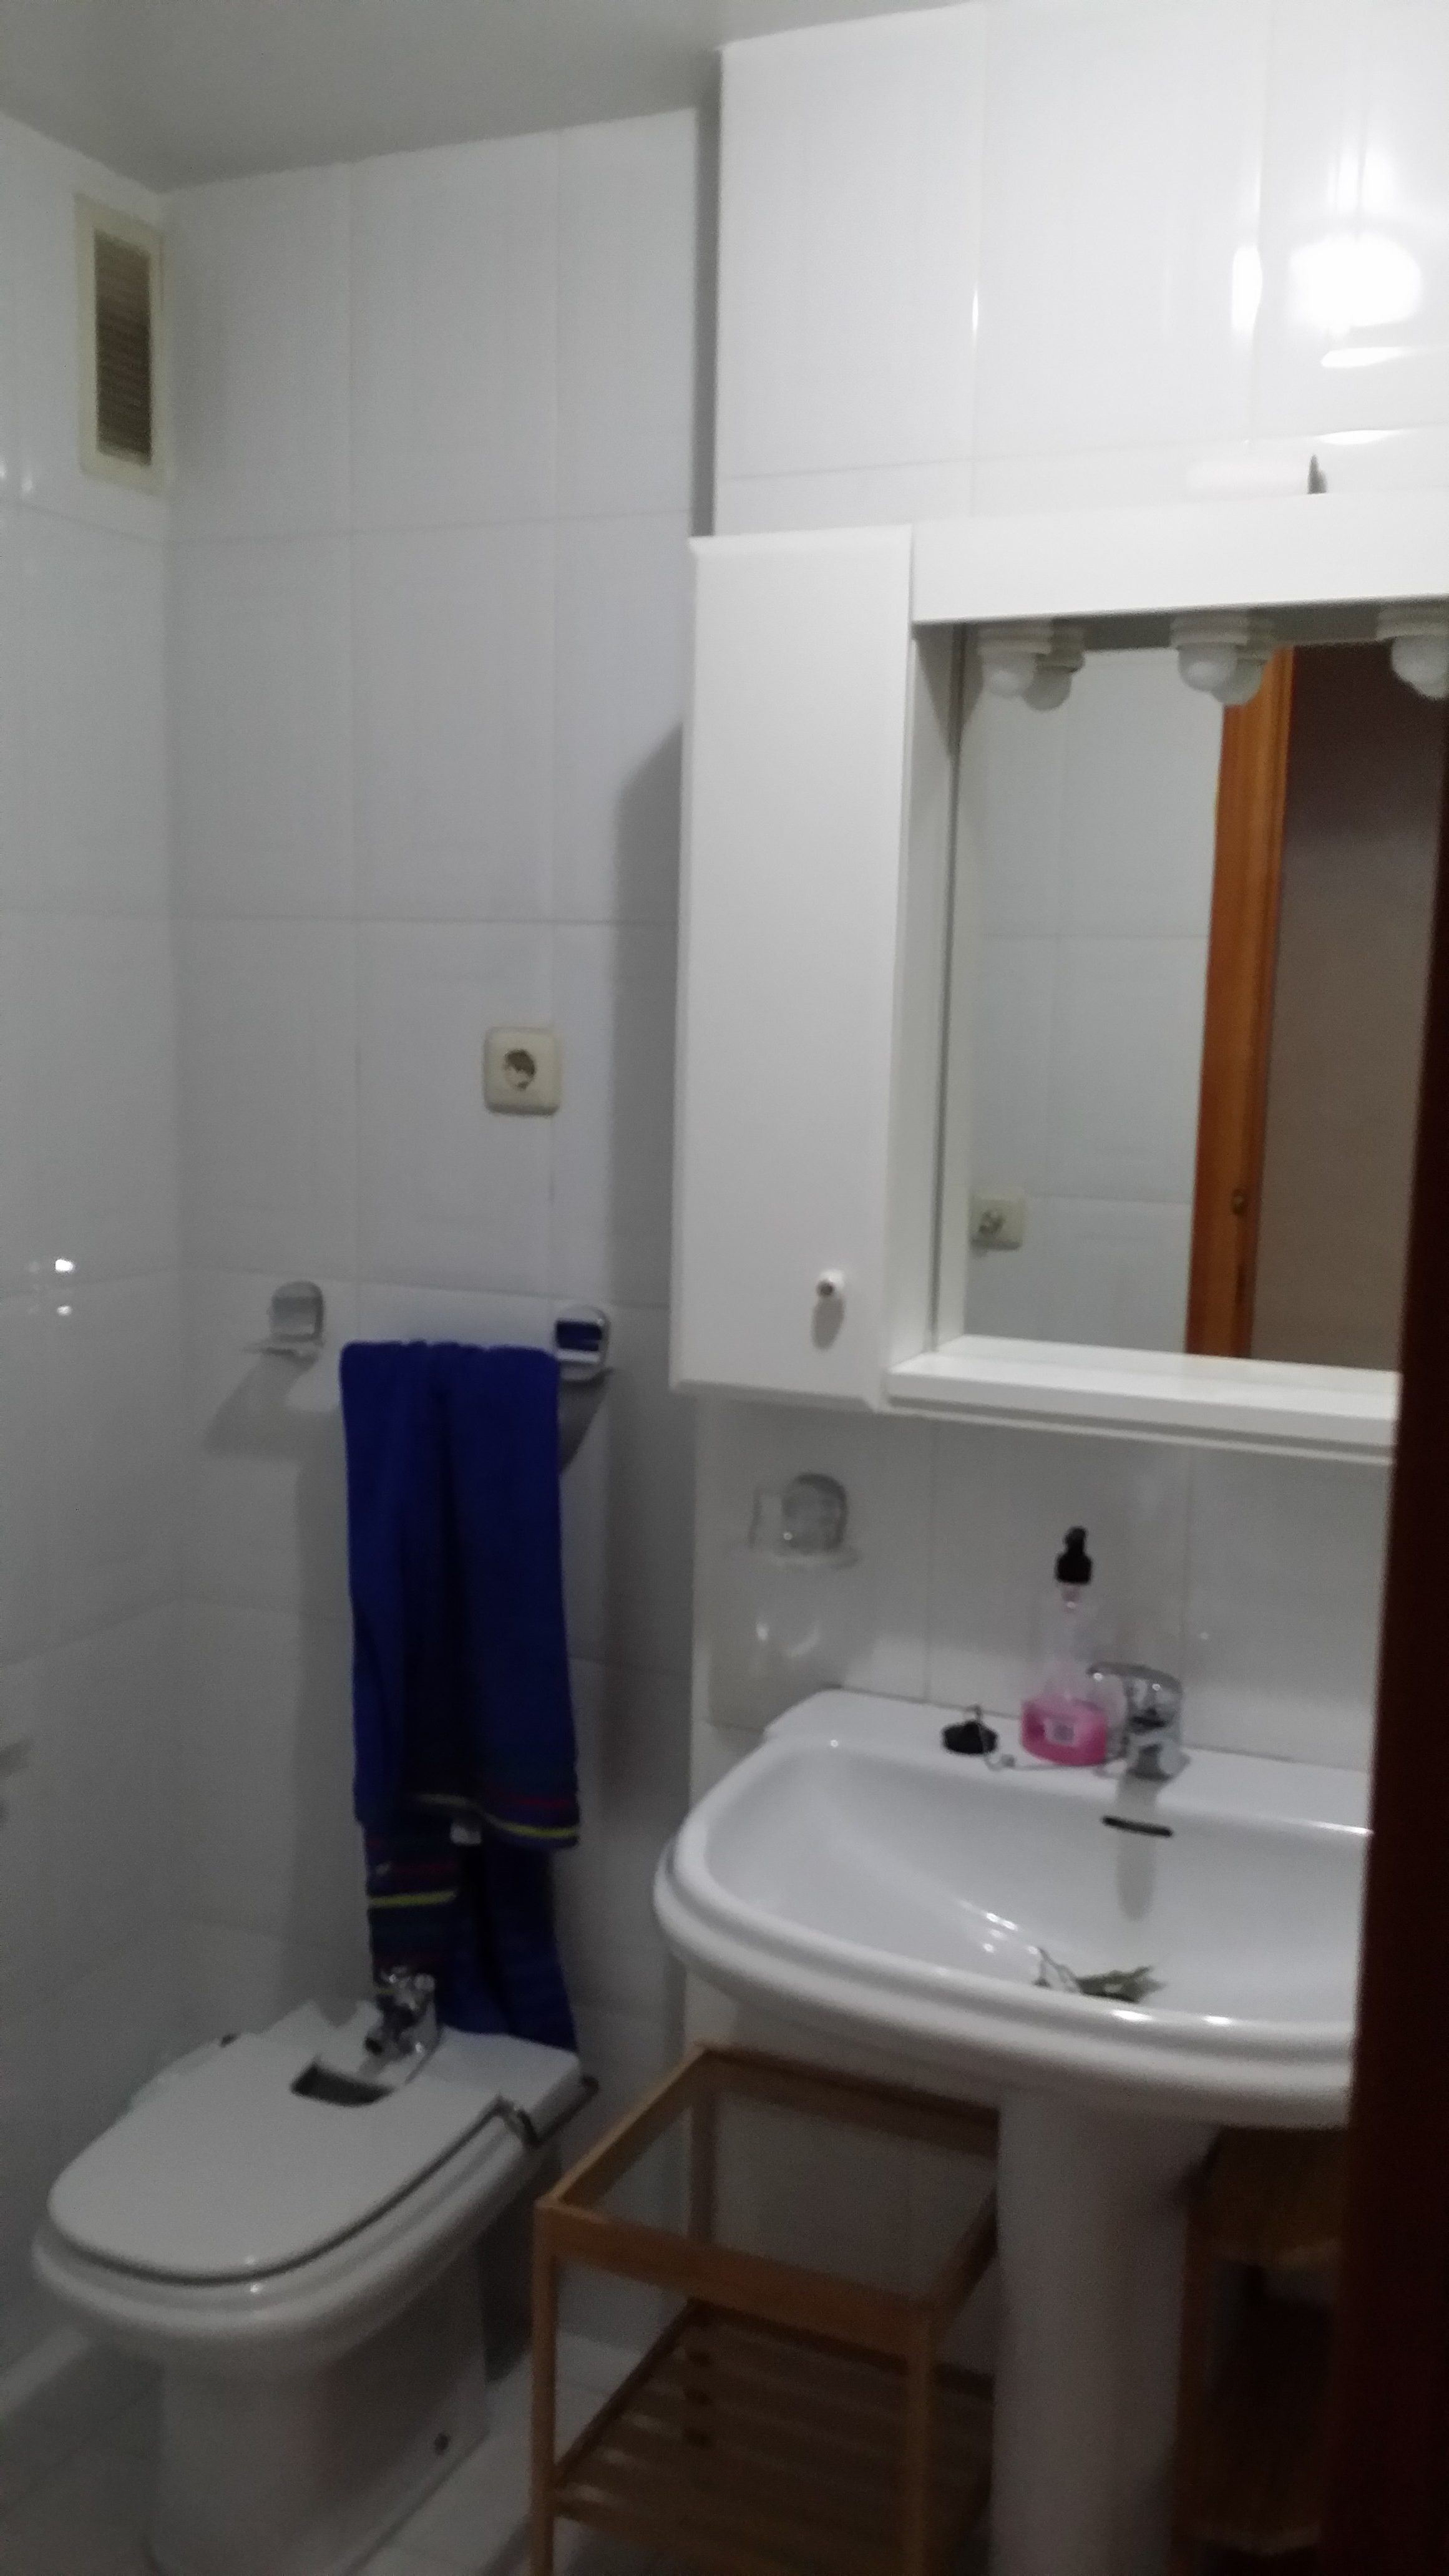 Baño 1 - 1